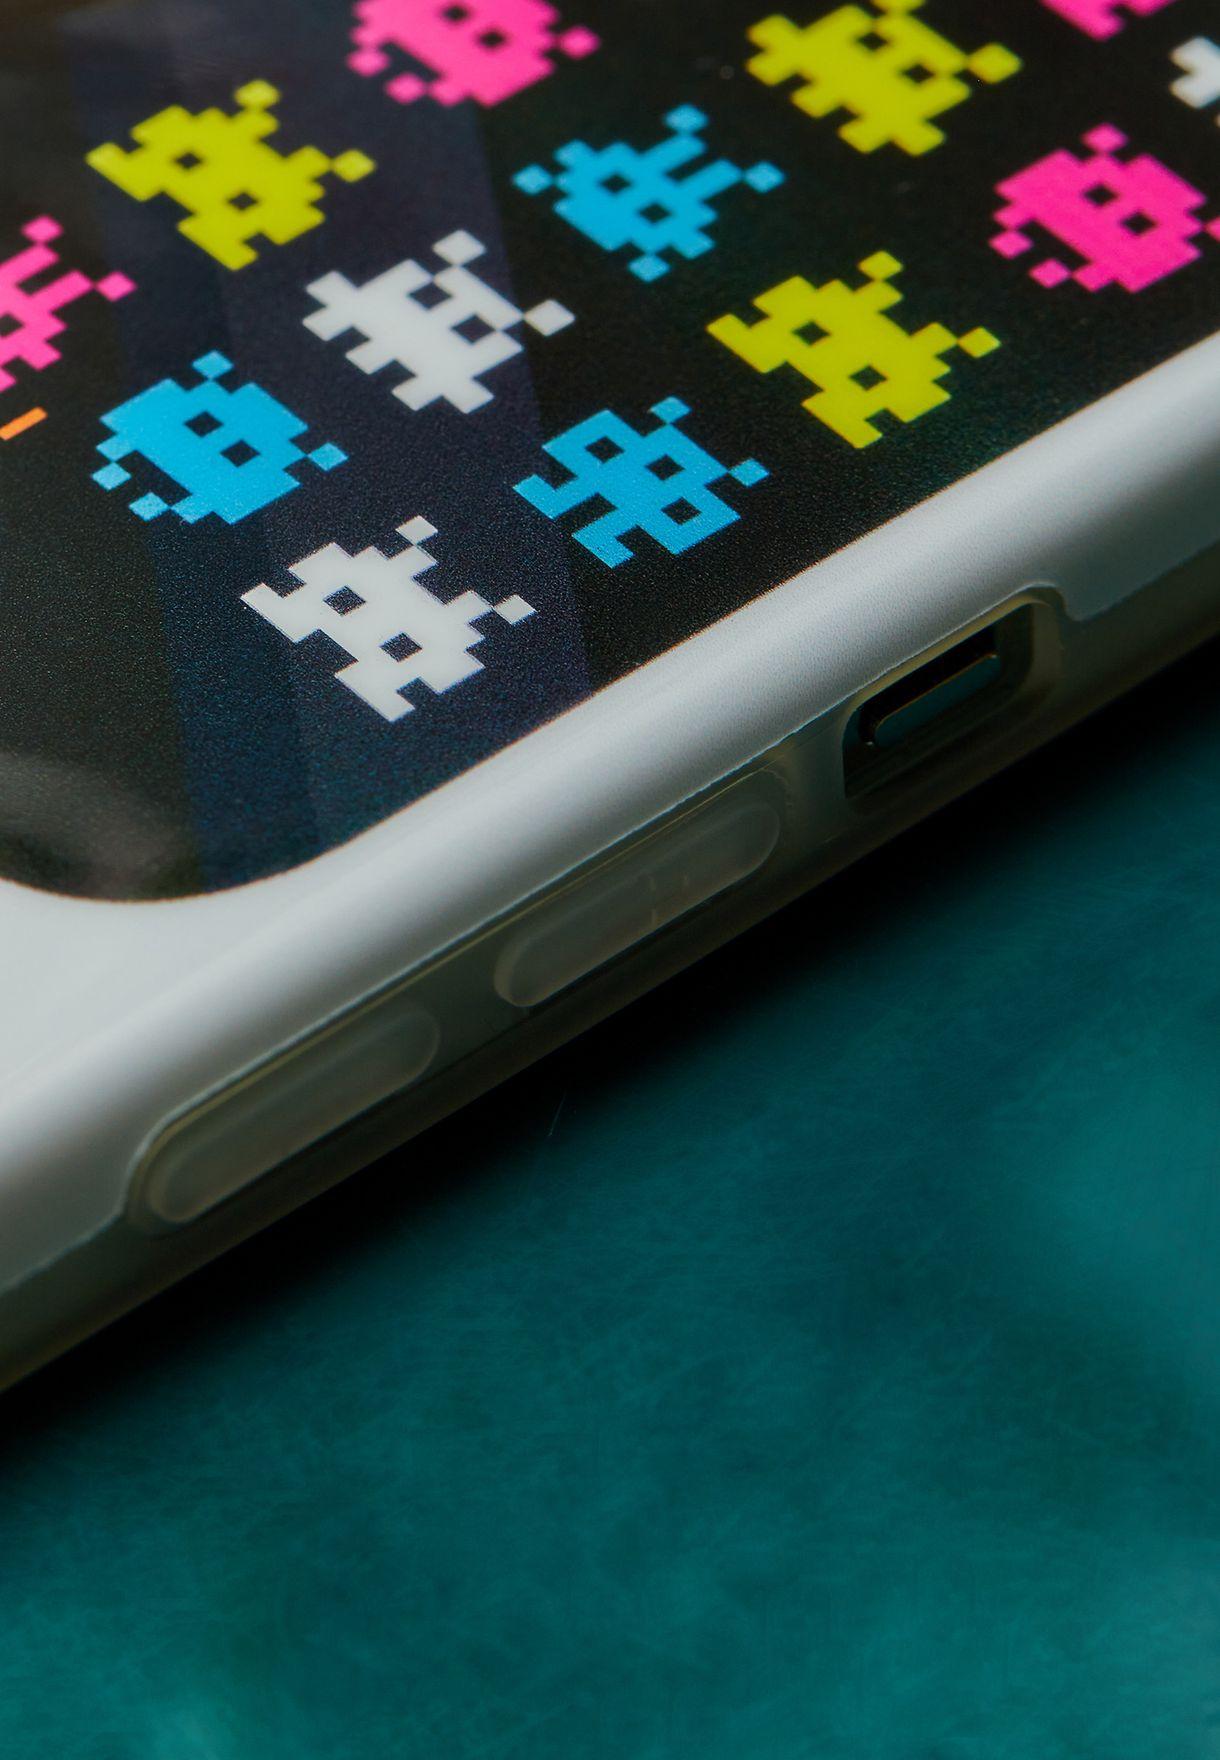 Retro Gamer Iphone 12 Pro Max Case